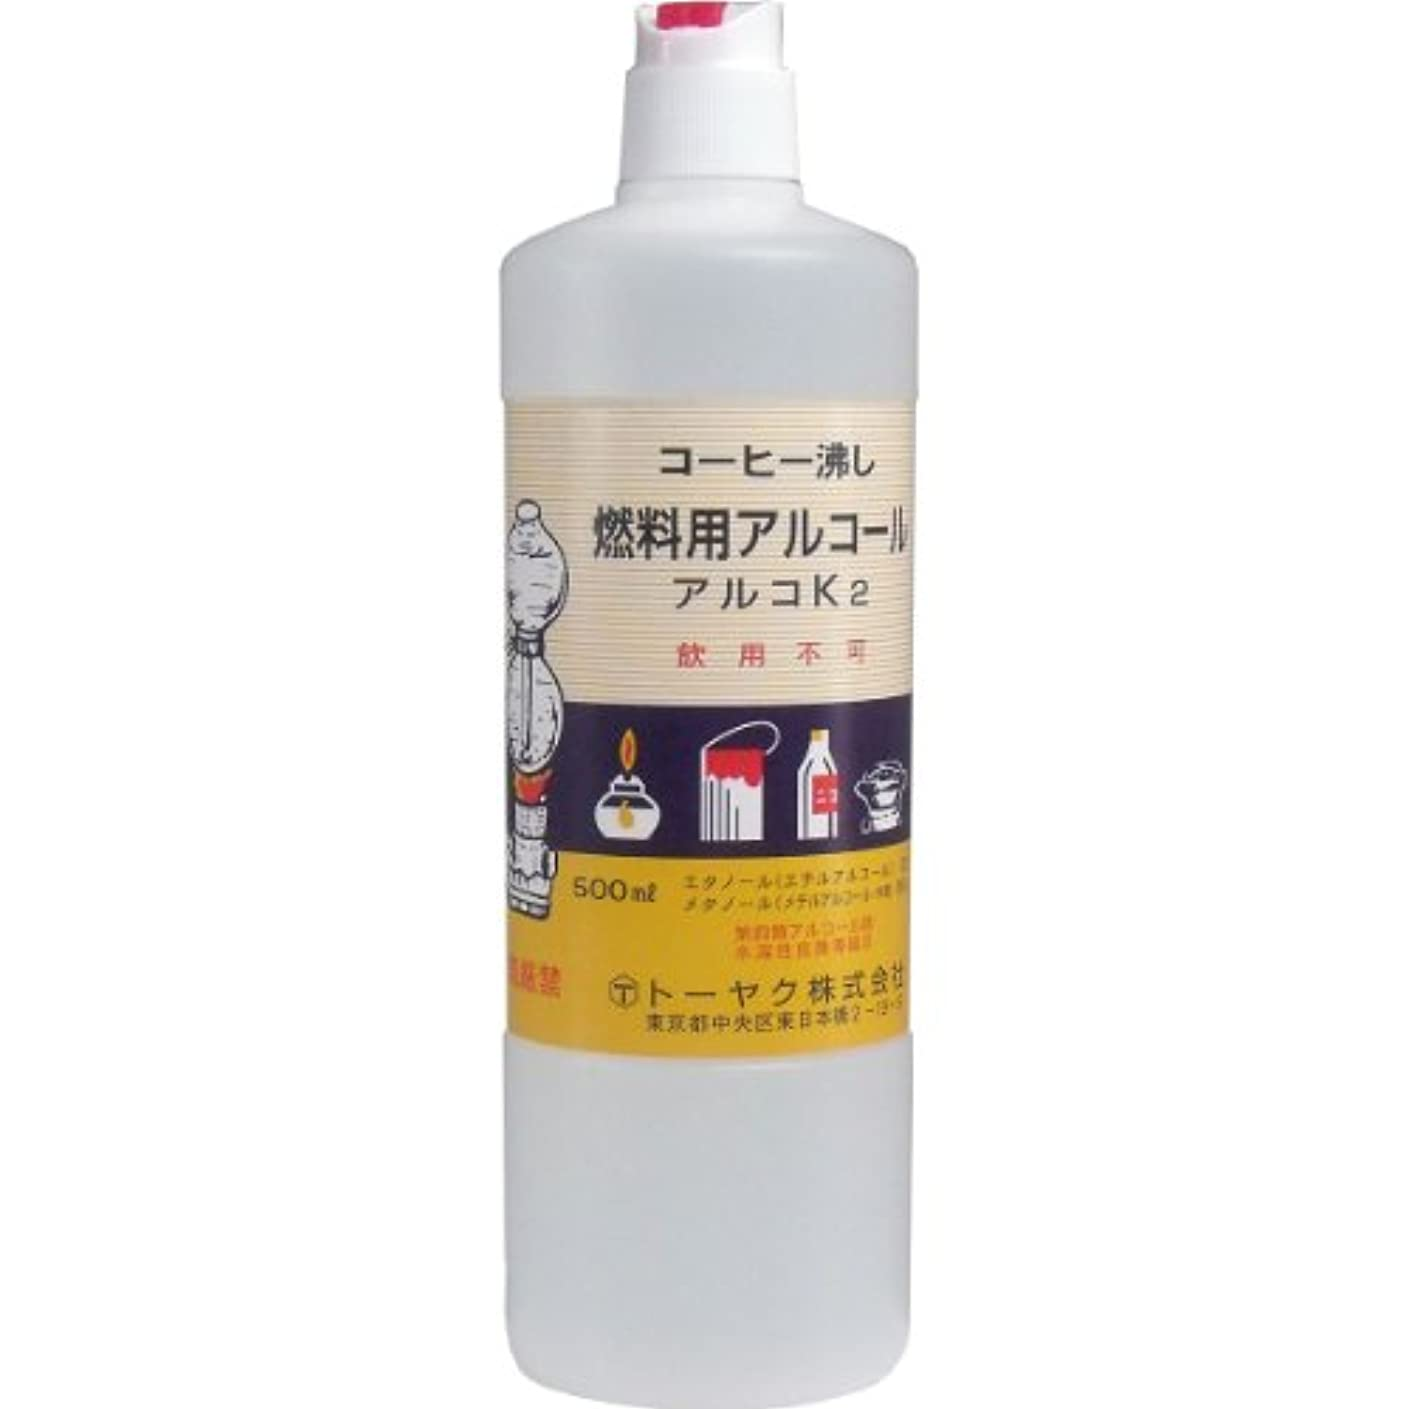 エッセンス抑制ために燃料用アルコール アルコK2 ×3個セット